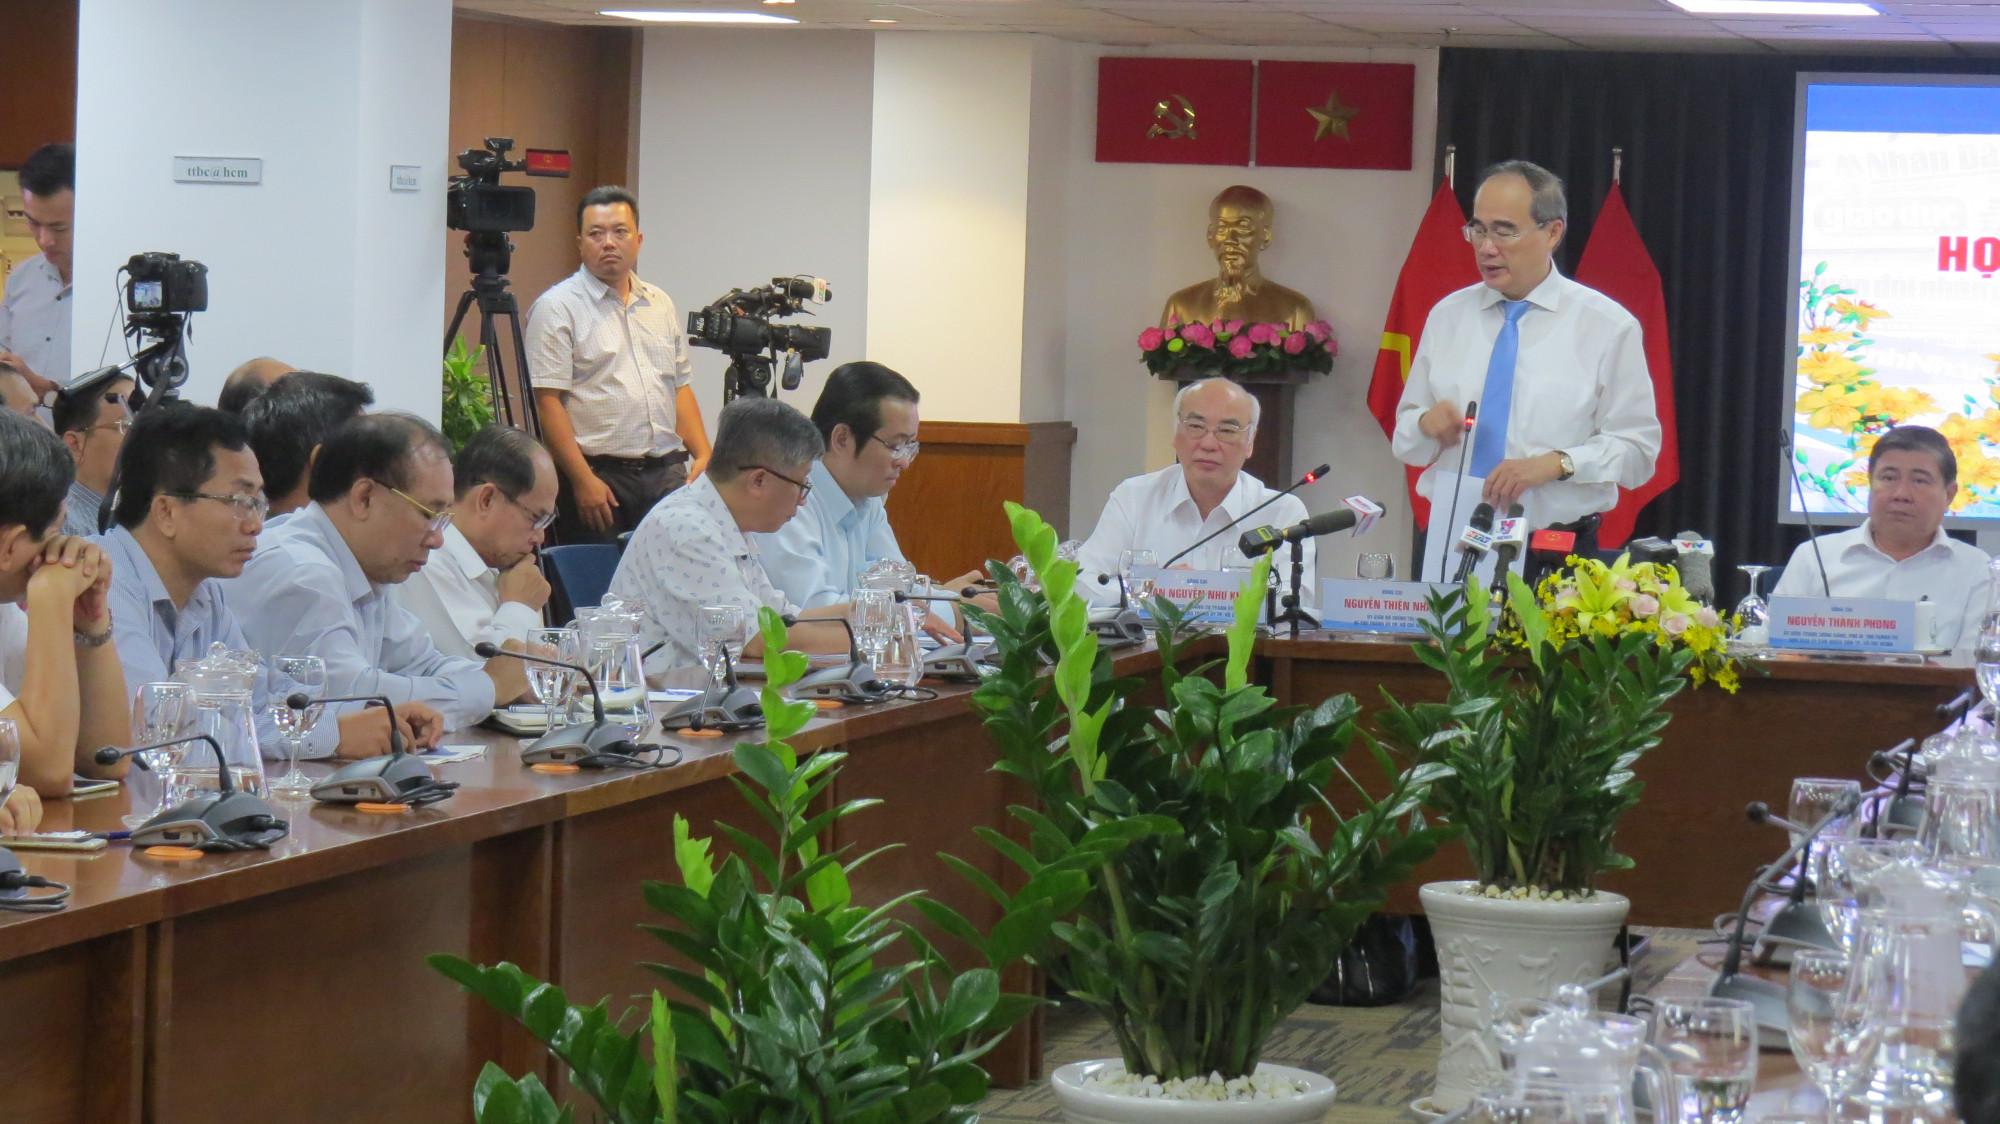 Bí thư Thành ủy TPHCM Nguyễn Thiện Nhân cho rằng, nguồn lực để phát triển thành phố tới đây